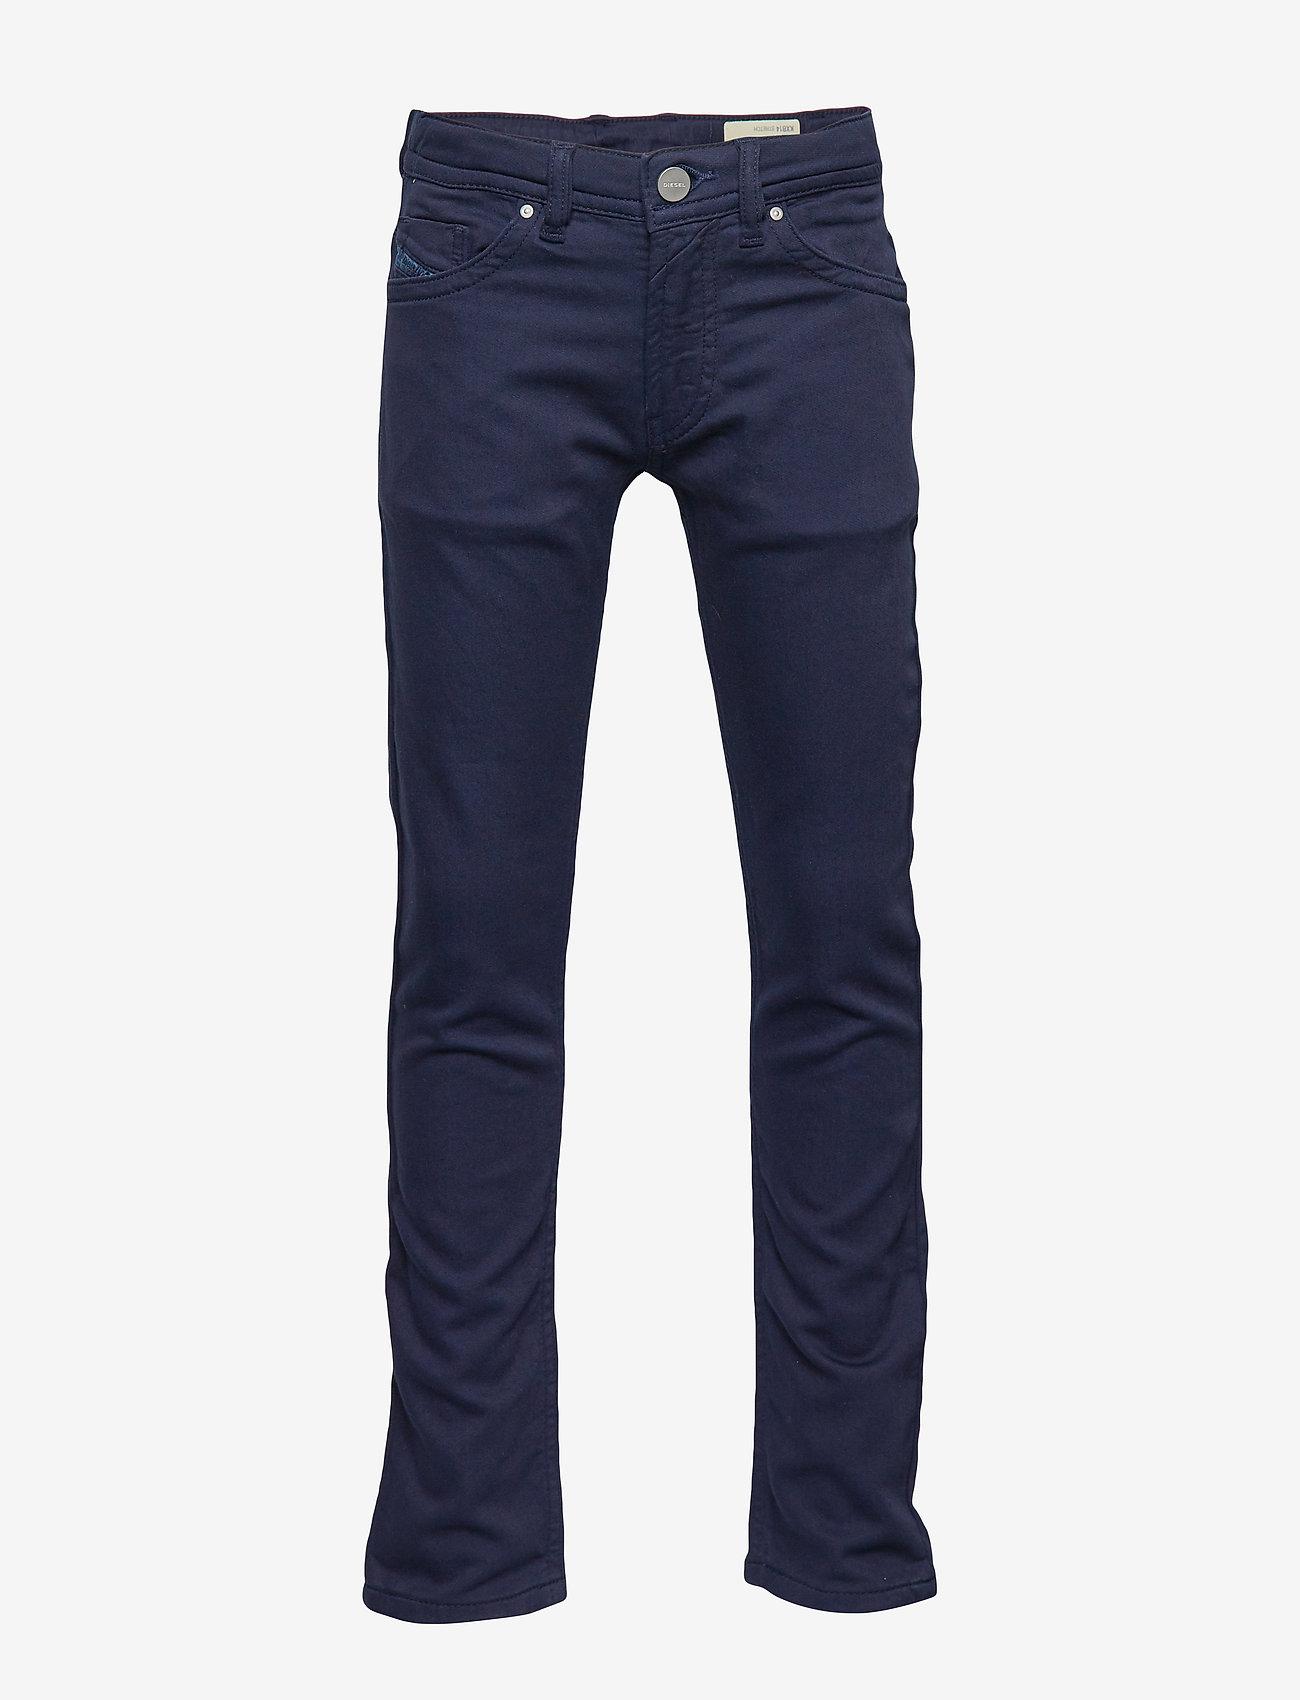 Diesel - THOMMER-J JJJ TROUSERS - jeans - dark blue - 0